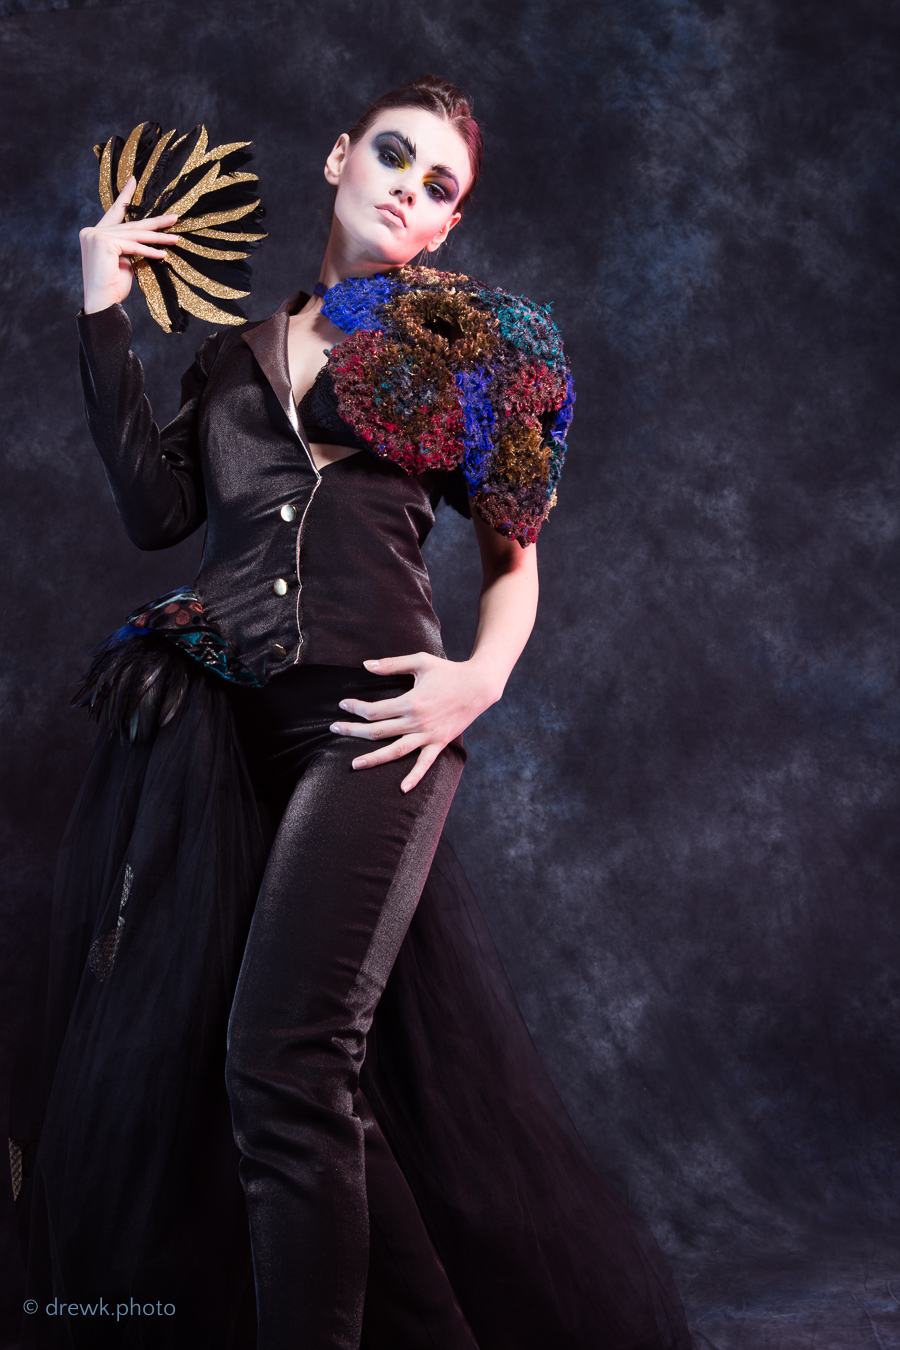 Simourgh - Nazira Muslem, BA (Hons) Fashion Design